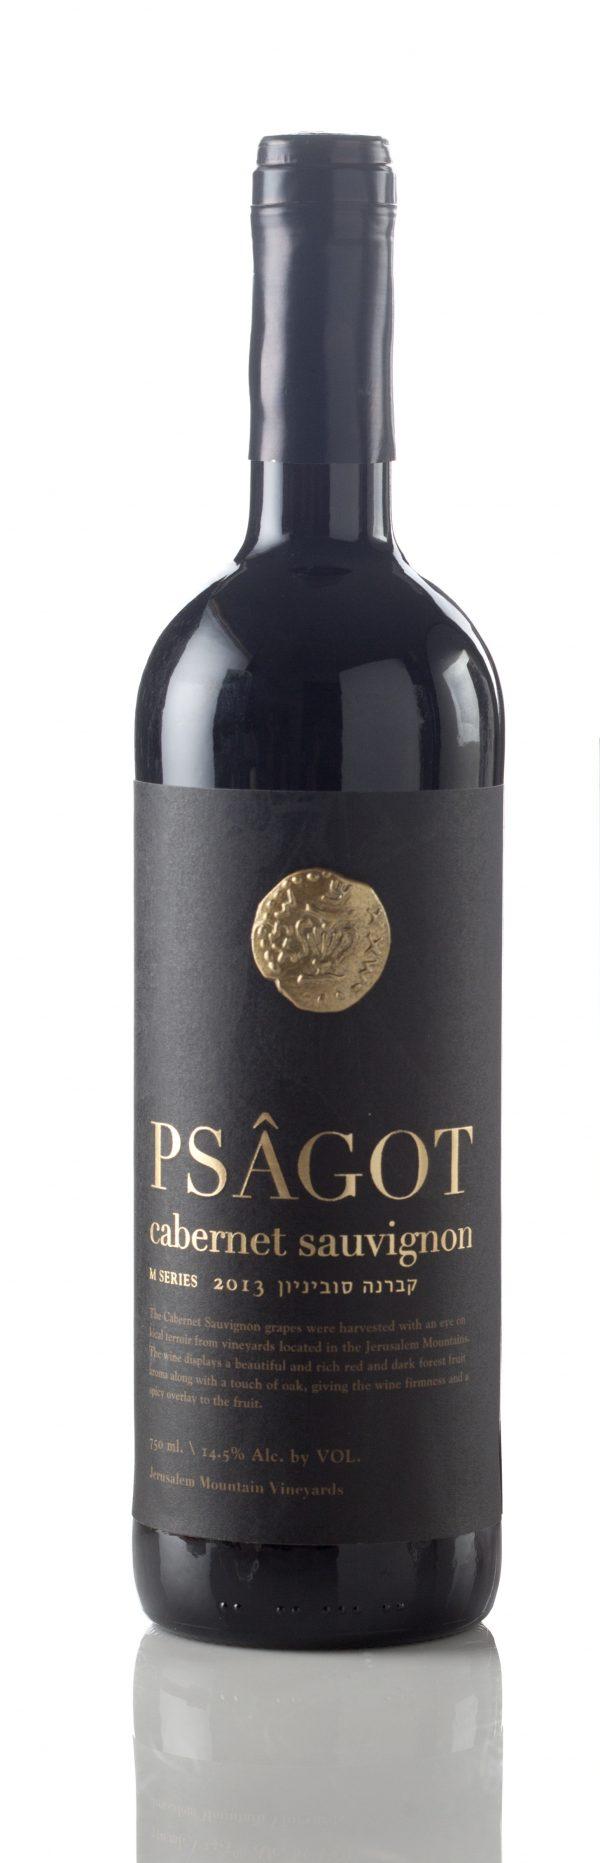 Psagot's Cabernet Sauvignon 2013